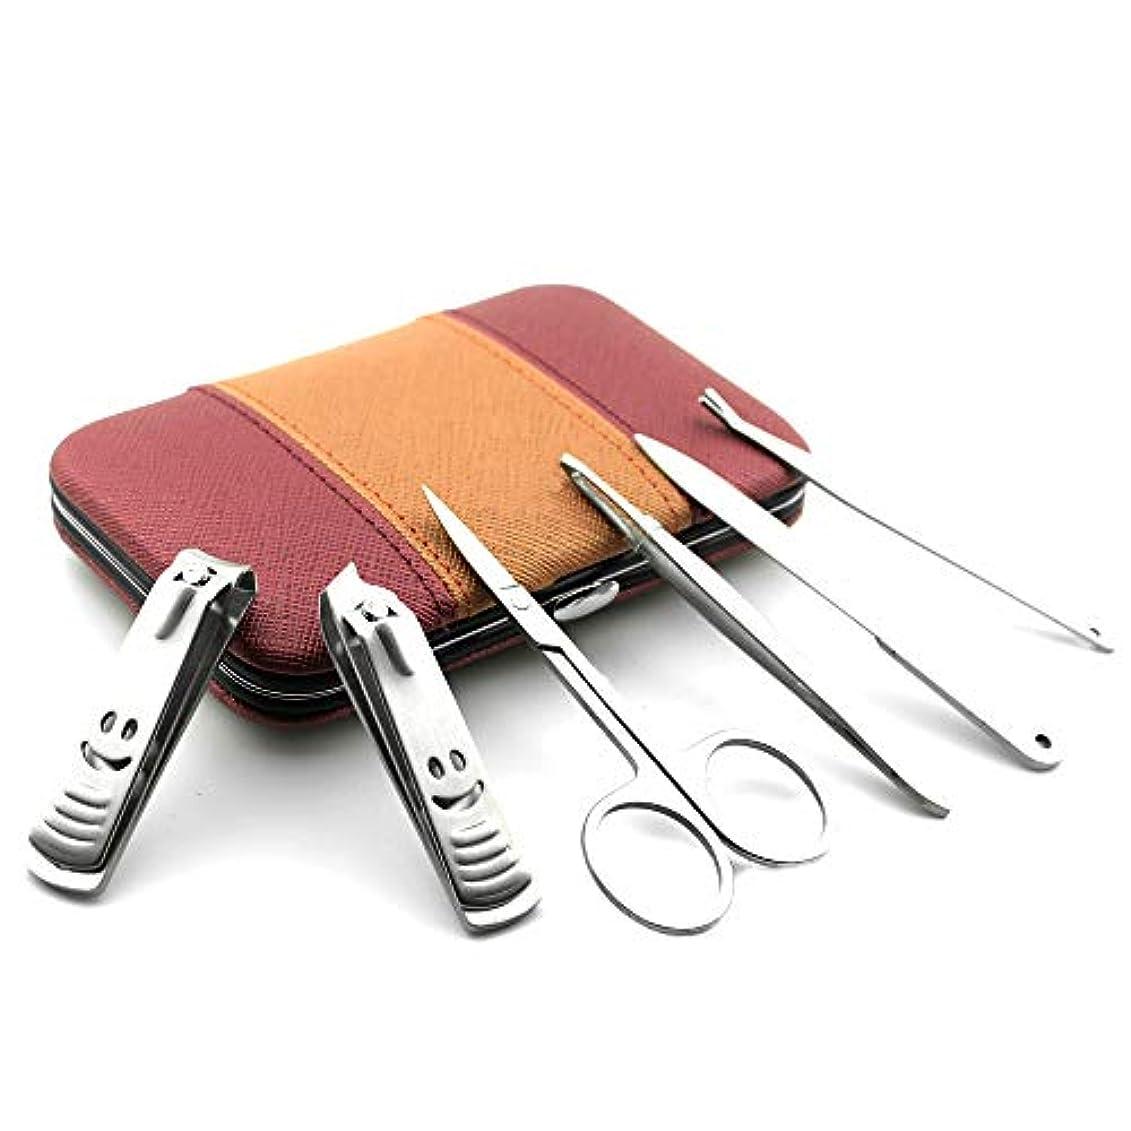 学生解明する熟読する爪切りセット多機能 美容セット携帯便利男女兼用 爪切りセット、6点セット